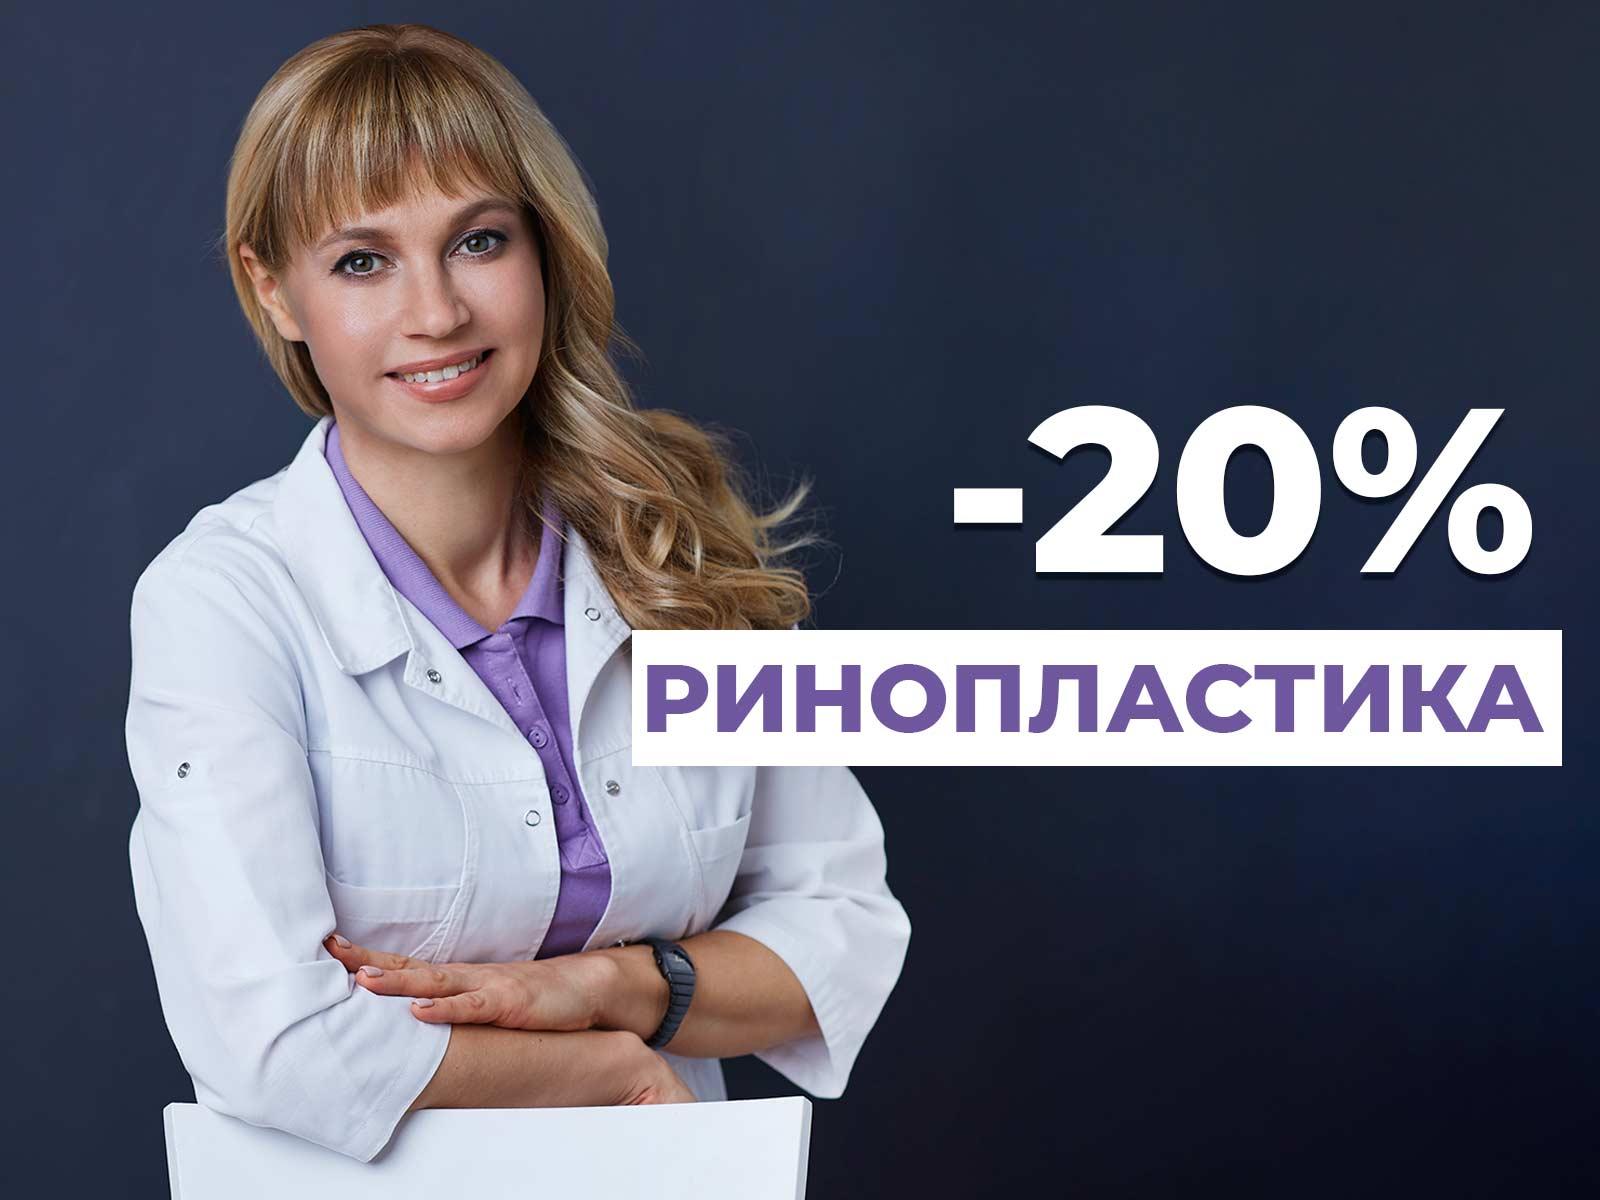 Скидка на ринопластику от пластического хирурга Светланы Работенко